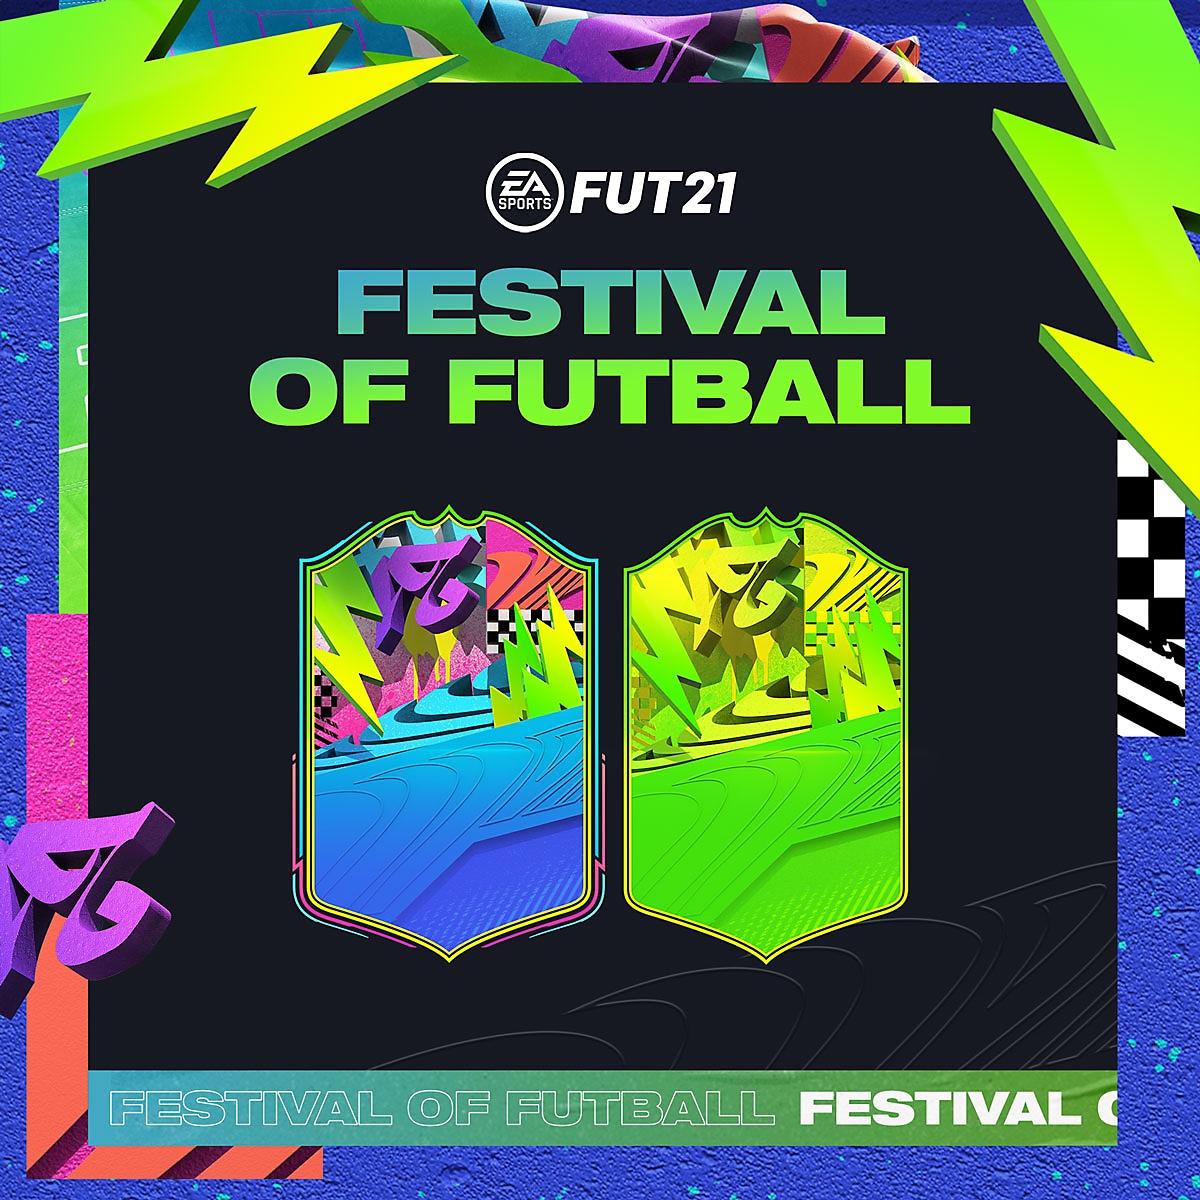 Fifa Ultimated Team Festival of FUTball